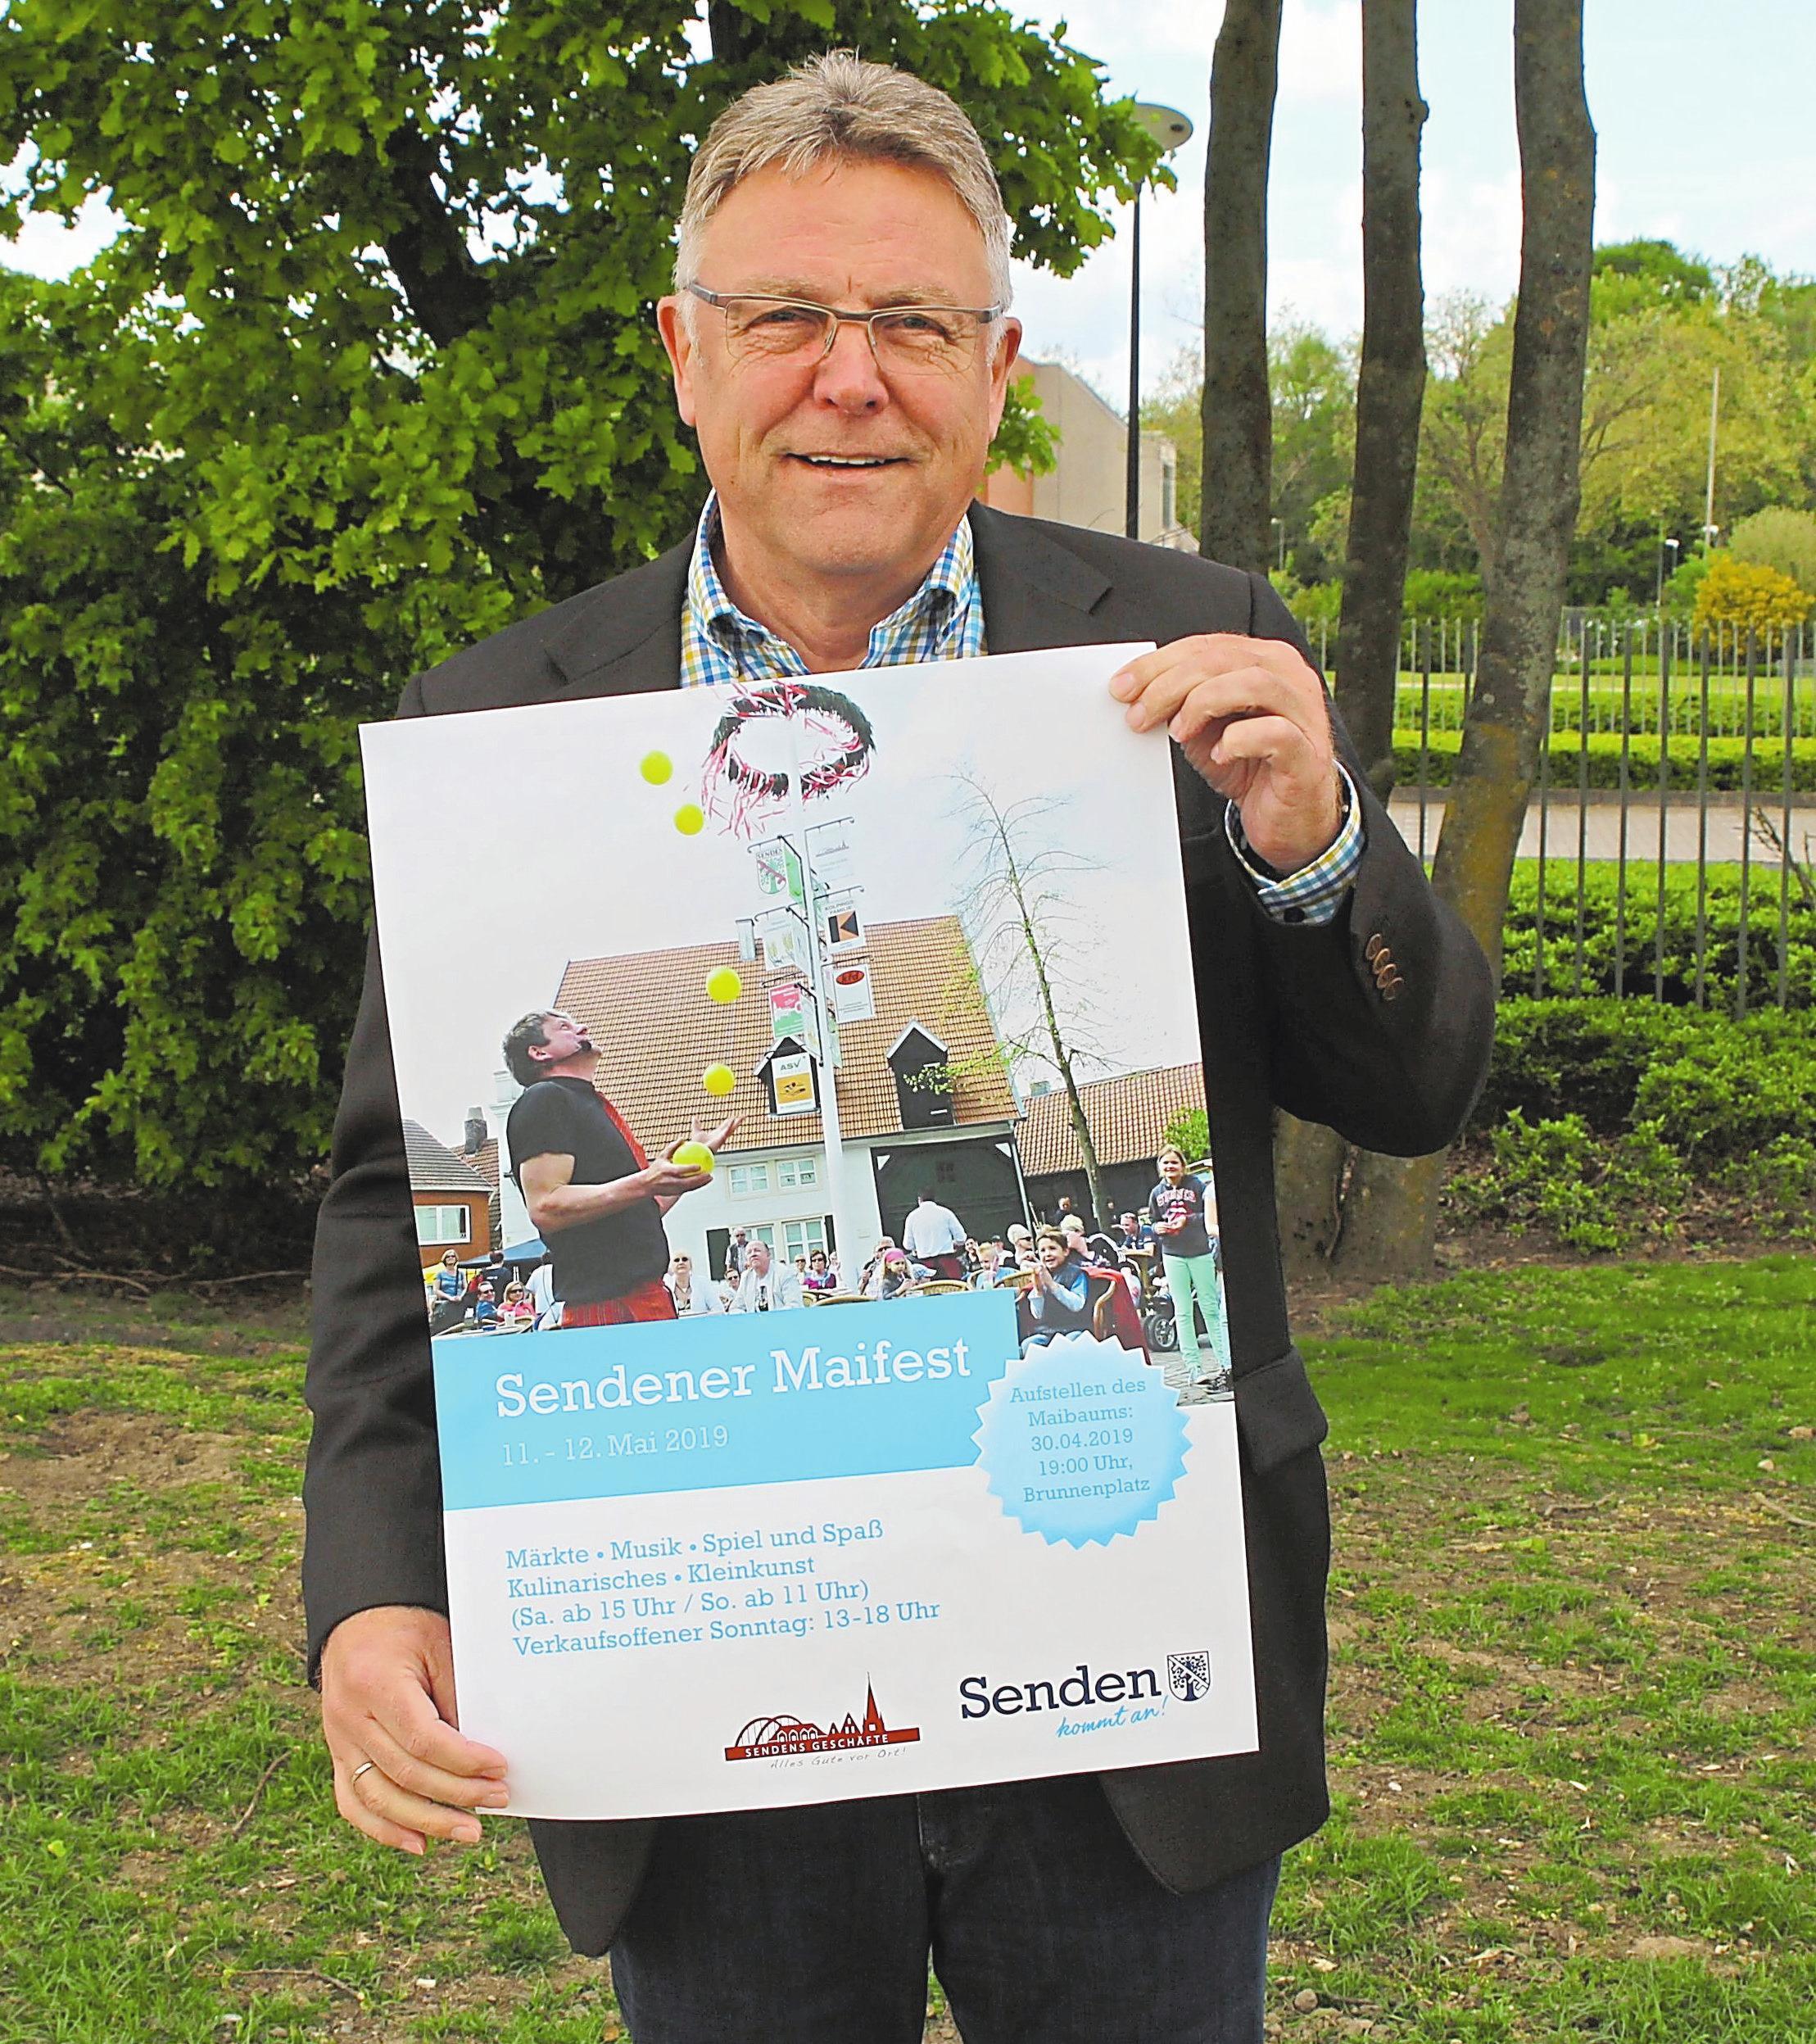 Über 50 Stände wird es im Sendener Gemeindekern geben, freut sich der Vorsitzende des Gewerbevereins, Manfred Tiemann. Foto: krif